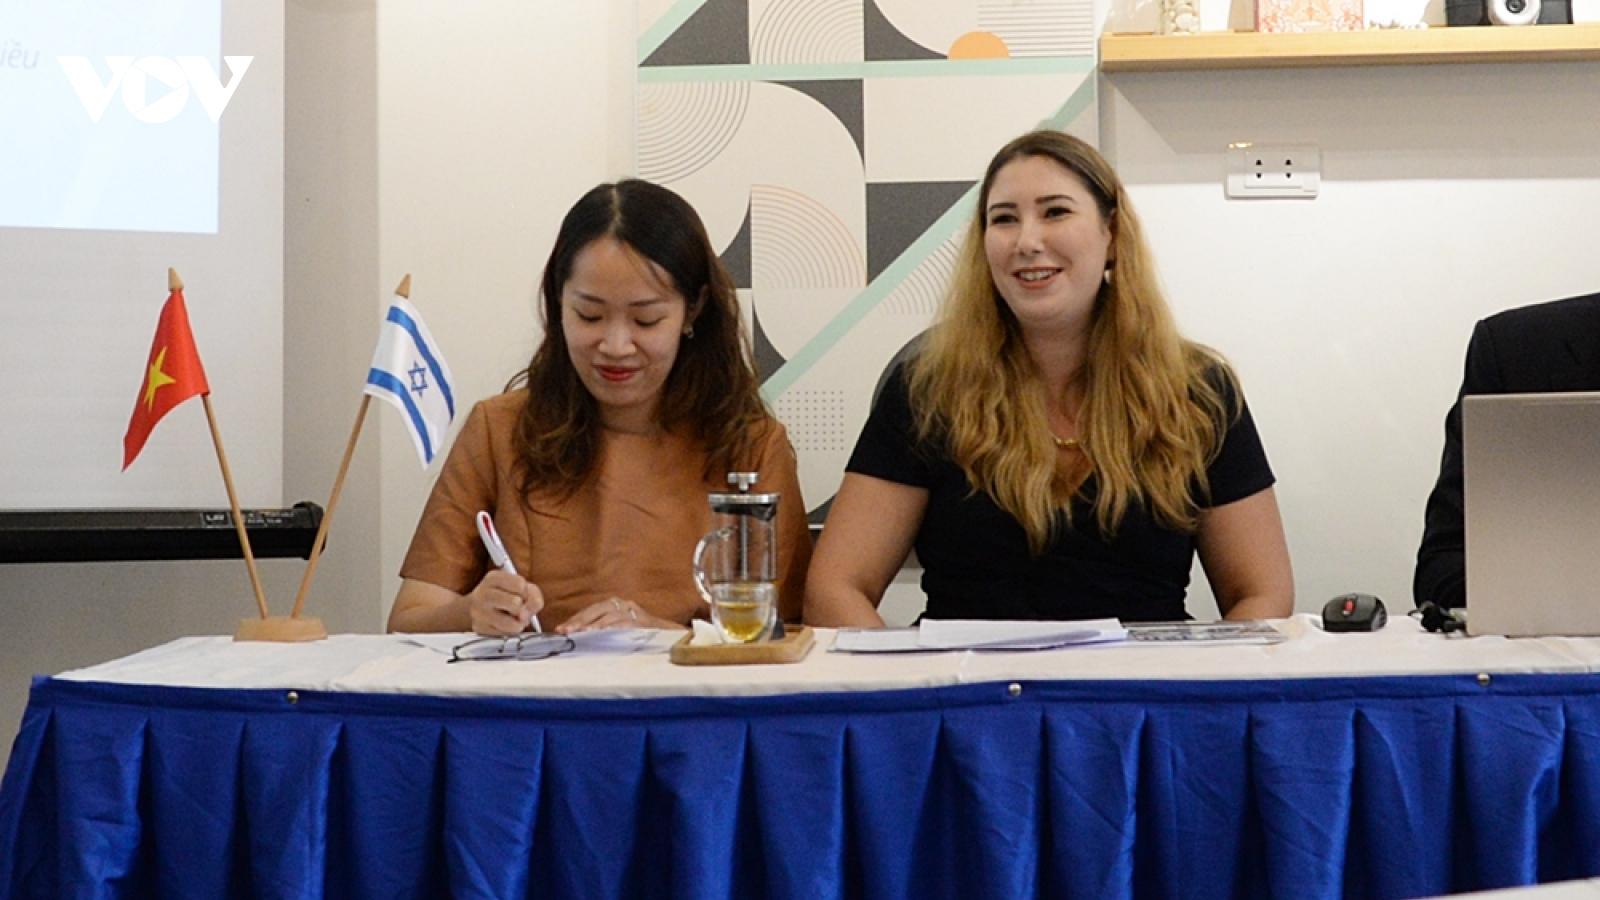 Hàng loạt phim đặc sắc dành tặng khán giả Việt Nam trong Liên hoan Phim Israel 2020